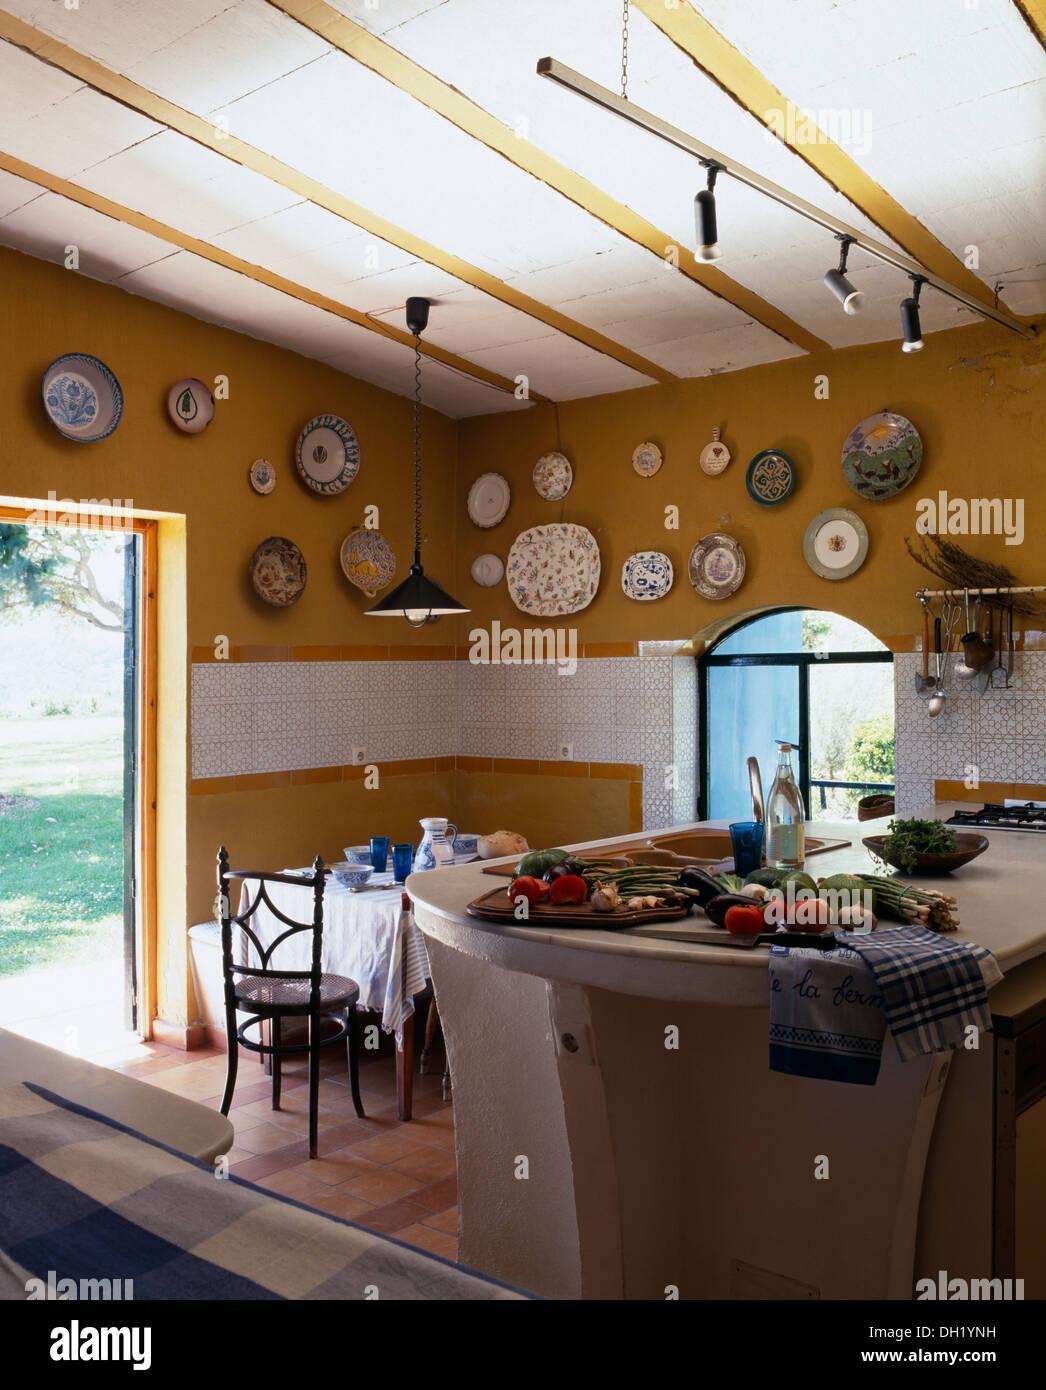 Gemüse auf konkrete Insel Gerät in gelbe spanische Küche mit ...